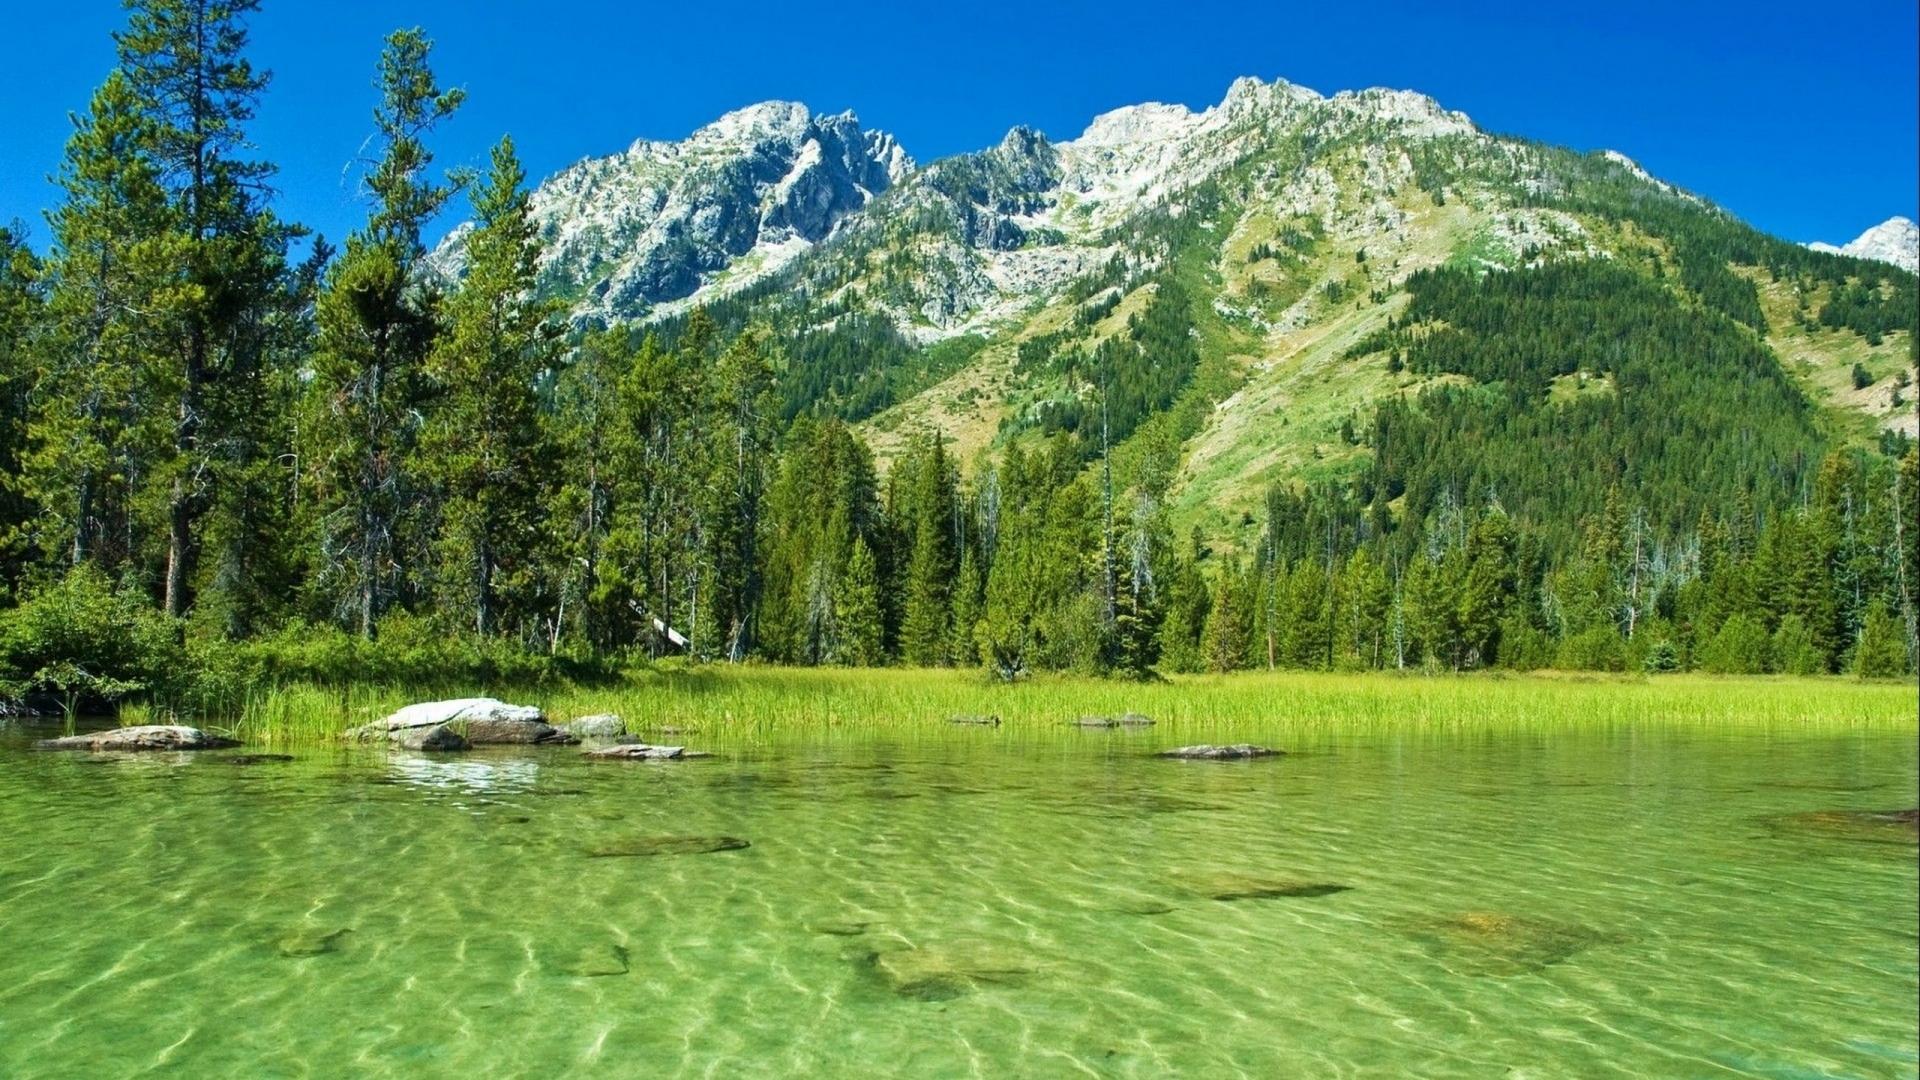 49006 скачать Зеленые обои на телефон бесплатно, Пейзаж, Природа, Горы Зеленые картинки и заставки на мобильный